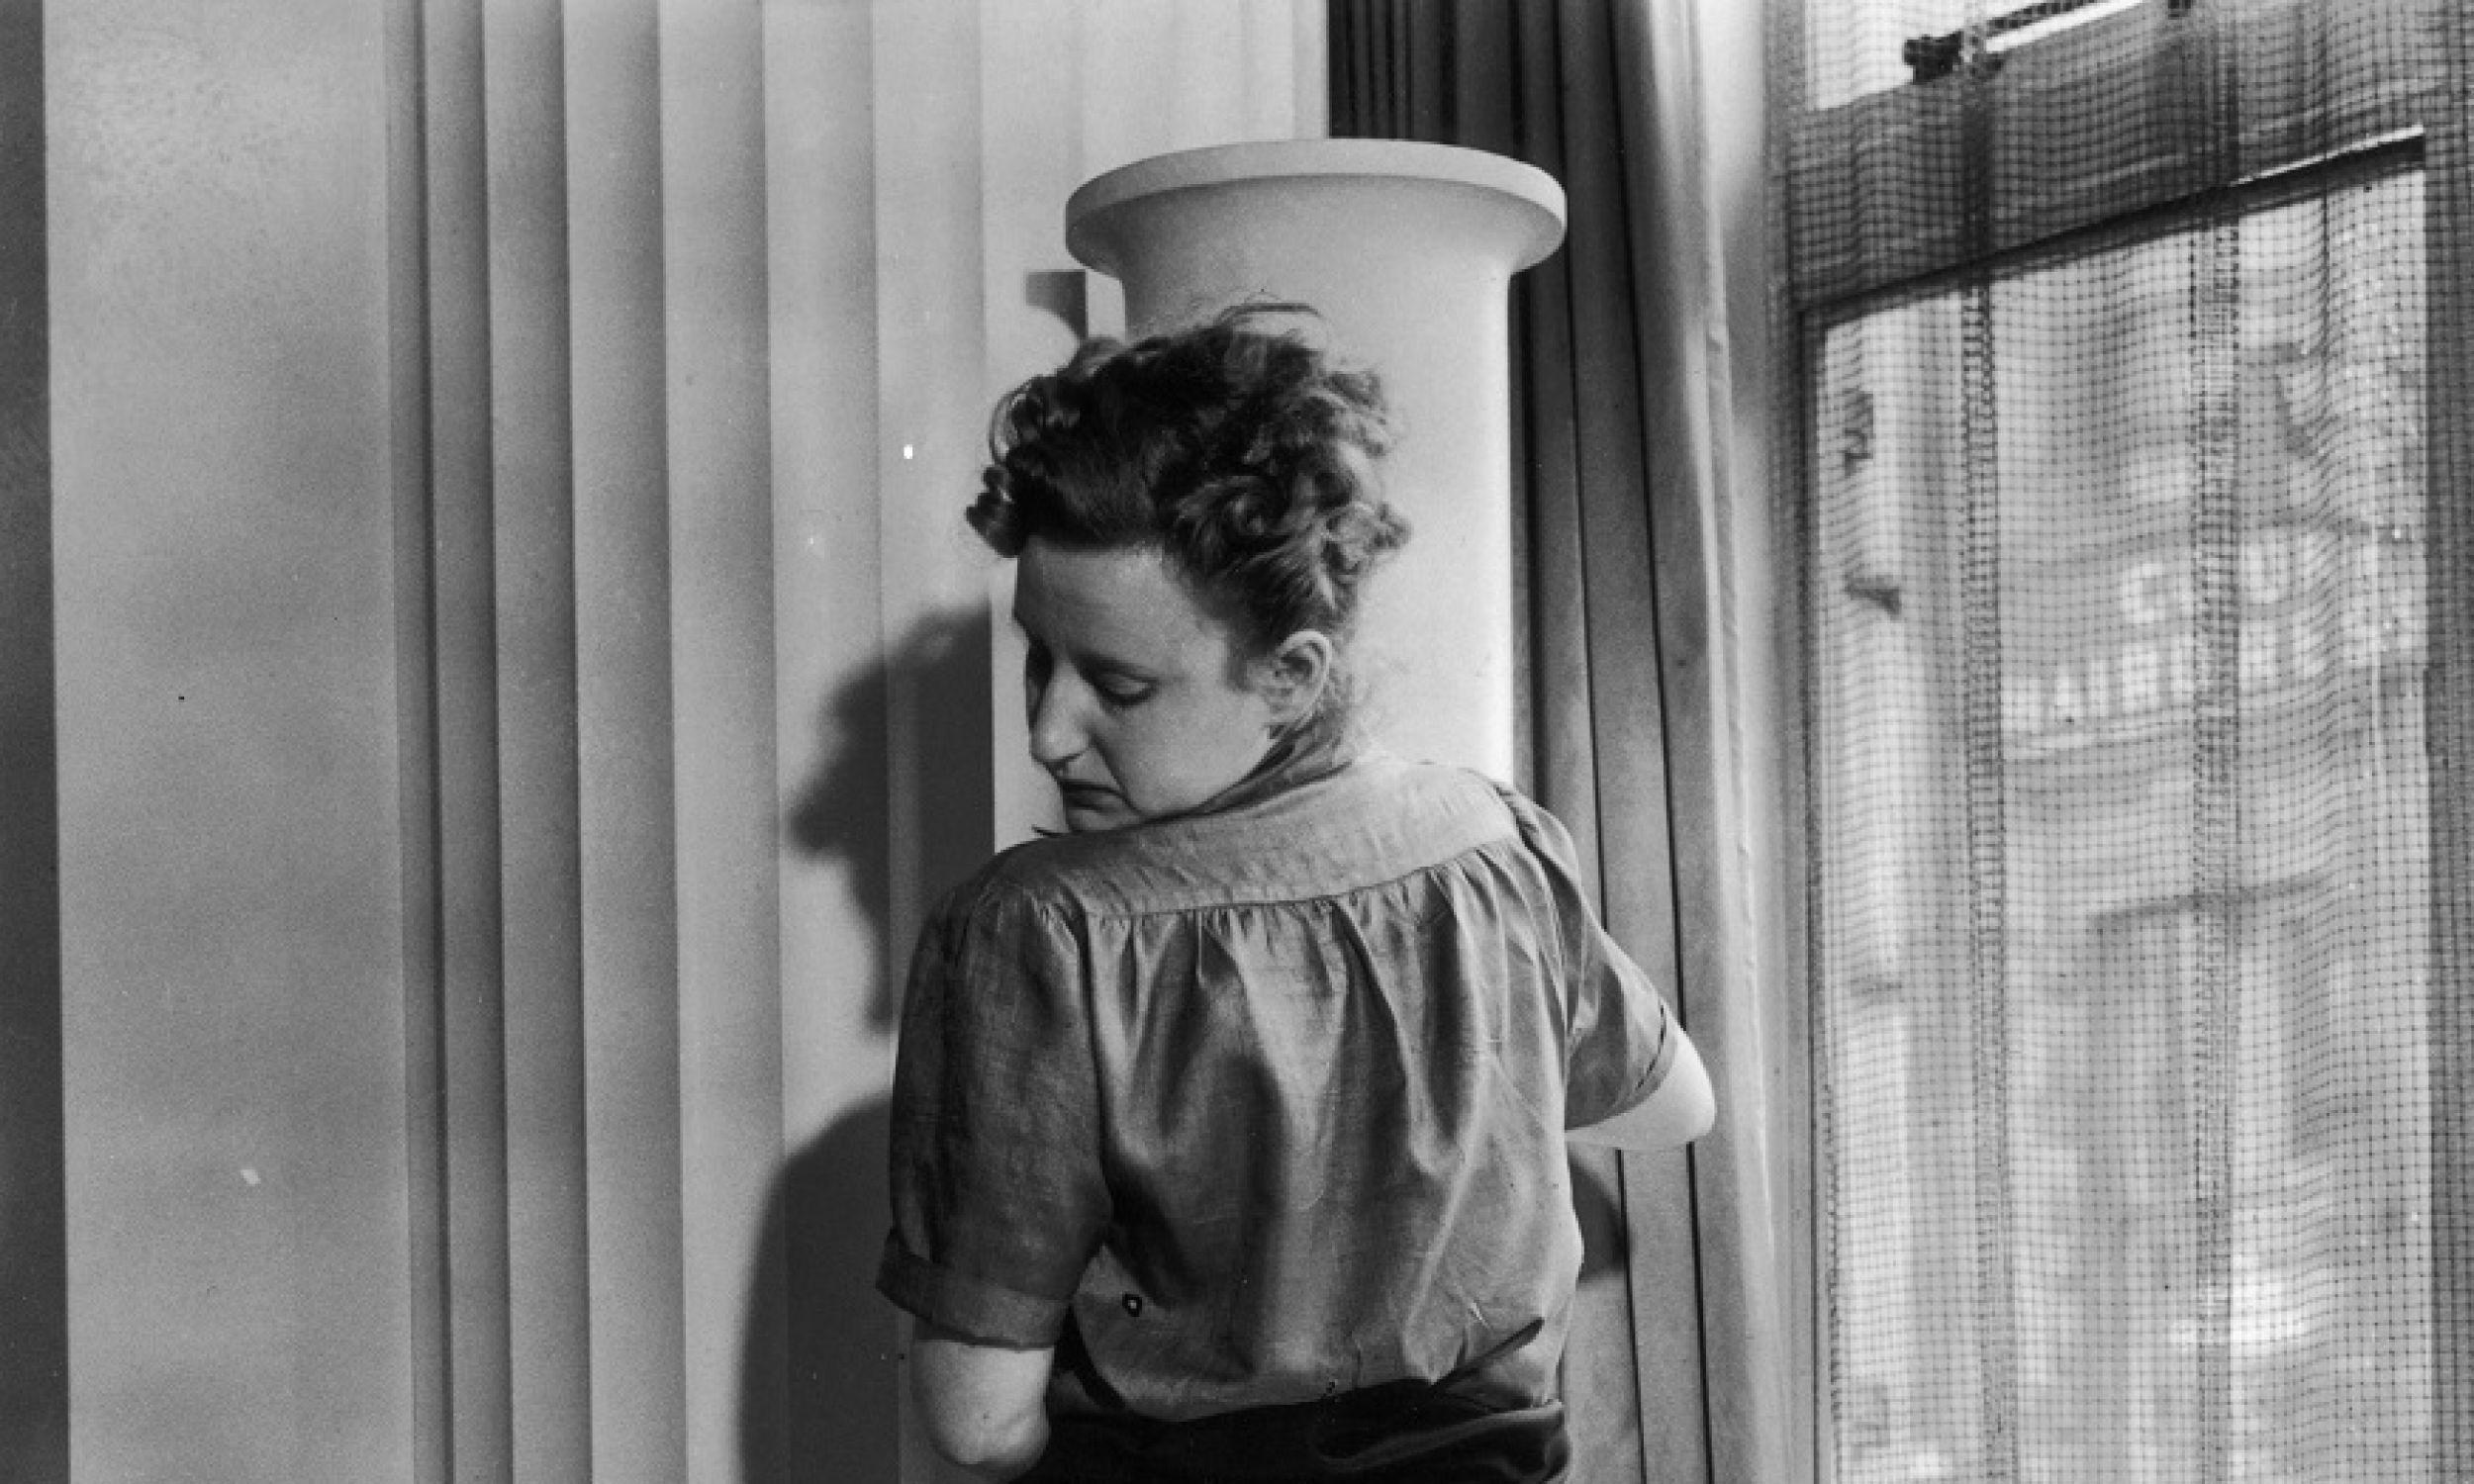 """Rok 1940. Pracownica firmy Max Factor nakłada klientce miksturę zwaną """"stocking cream"""", dającą iluzję jedwabnych pończoch z obowiązkowym szwem. Fot. Fox Photos/Getty Images"""